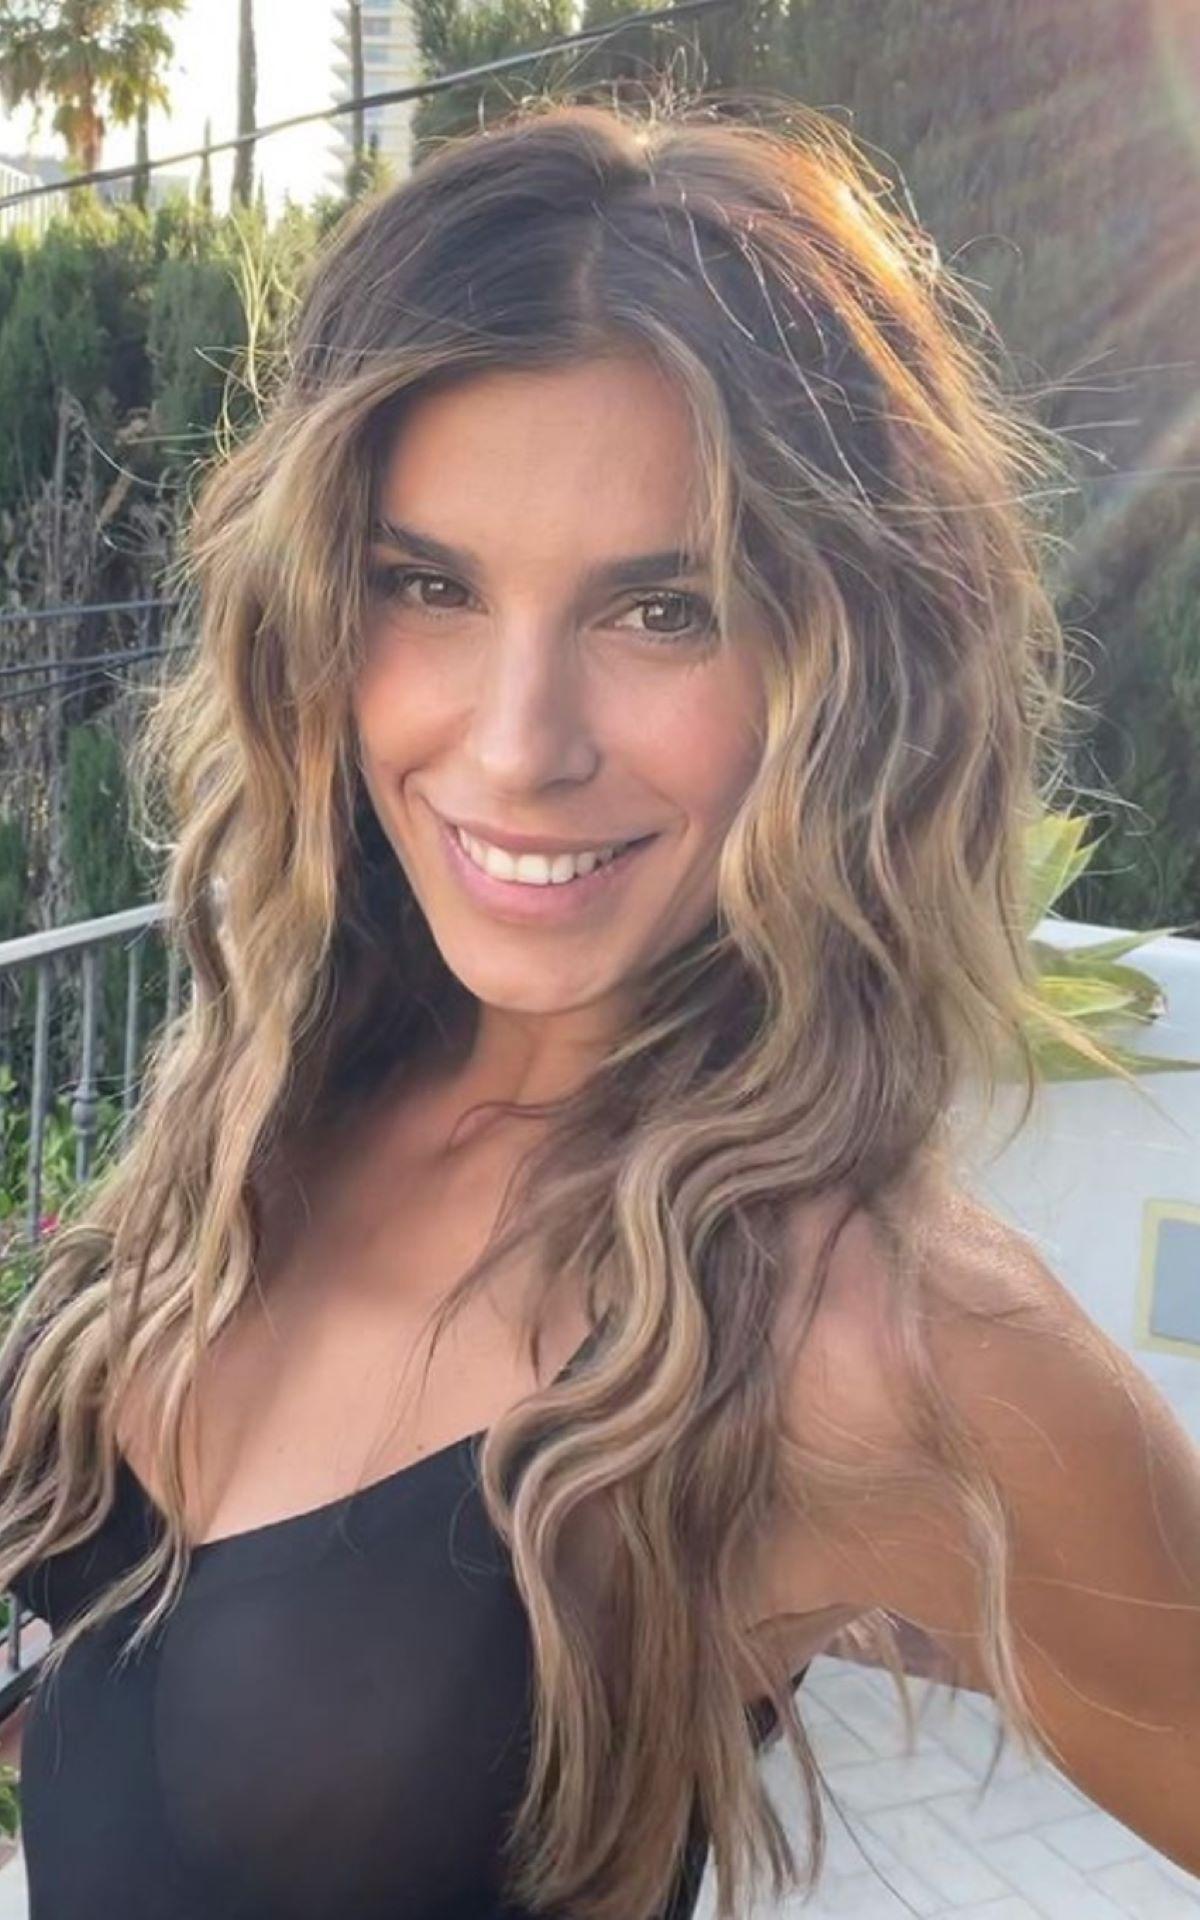 Elisabetta Canalis Figlia Skyler Eva Tutorial Trucco Influencer